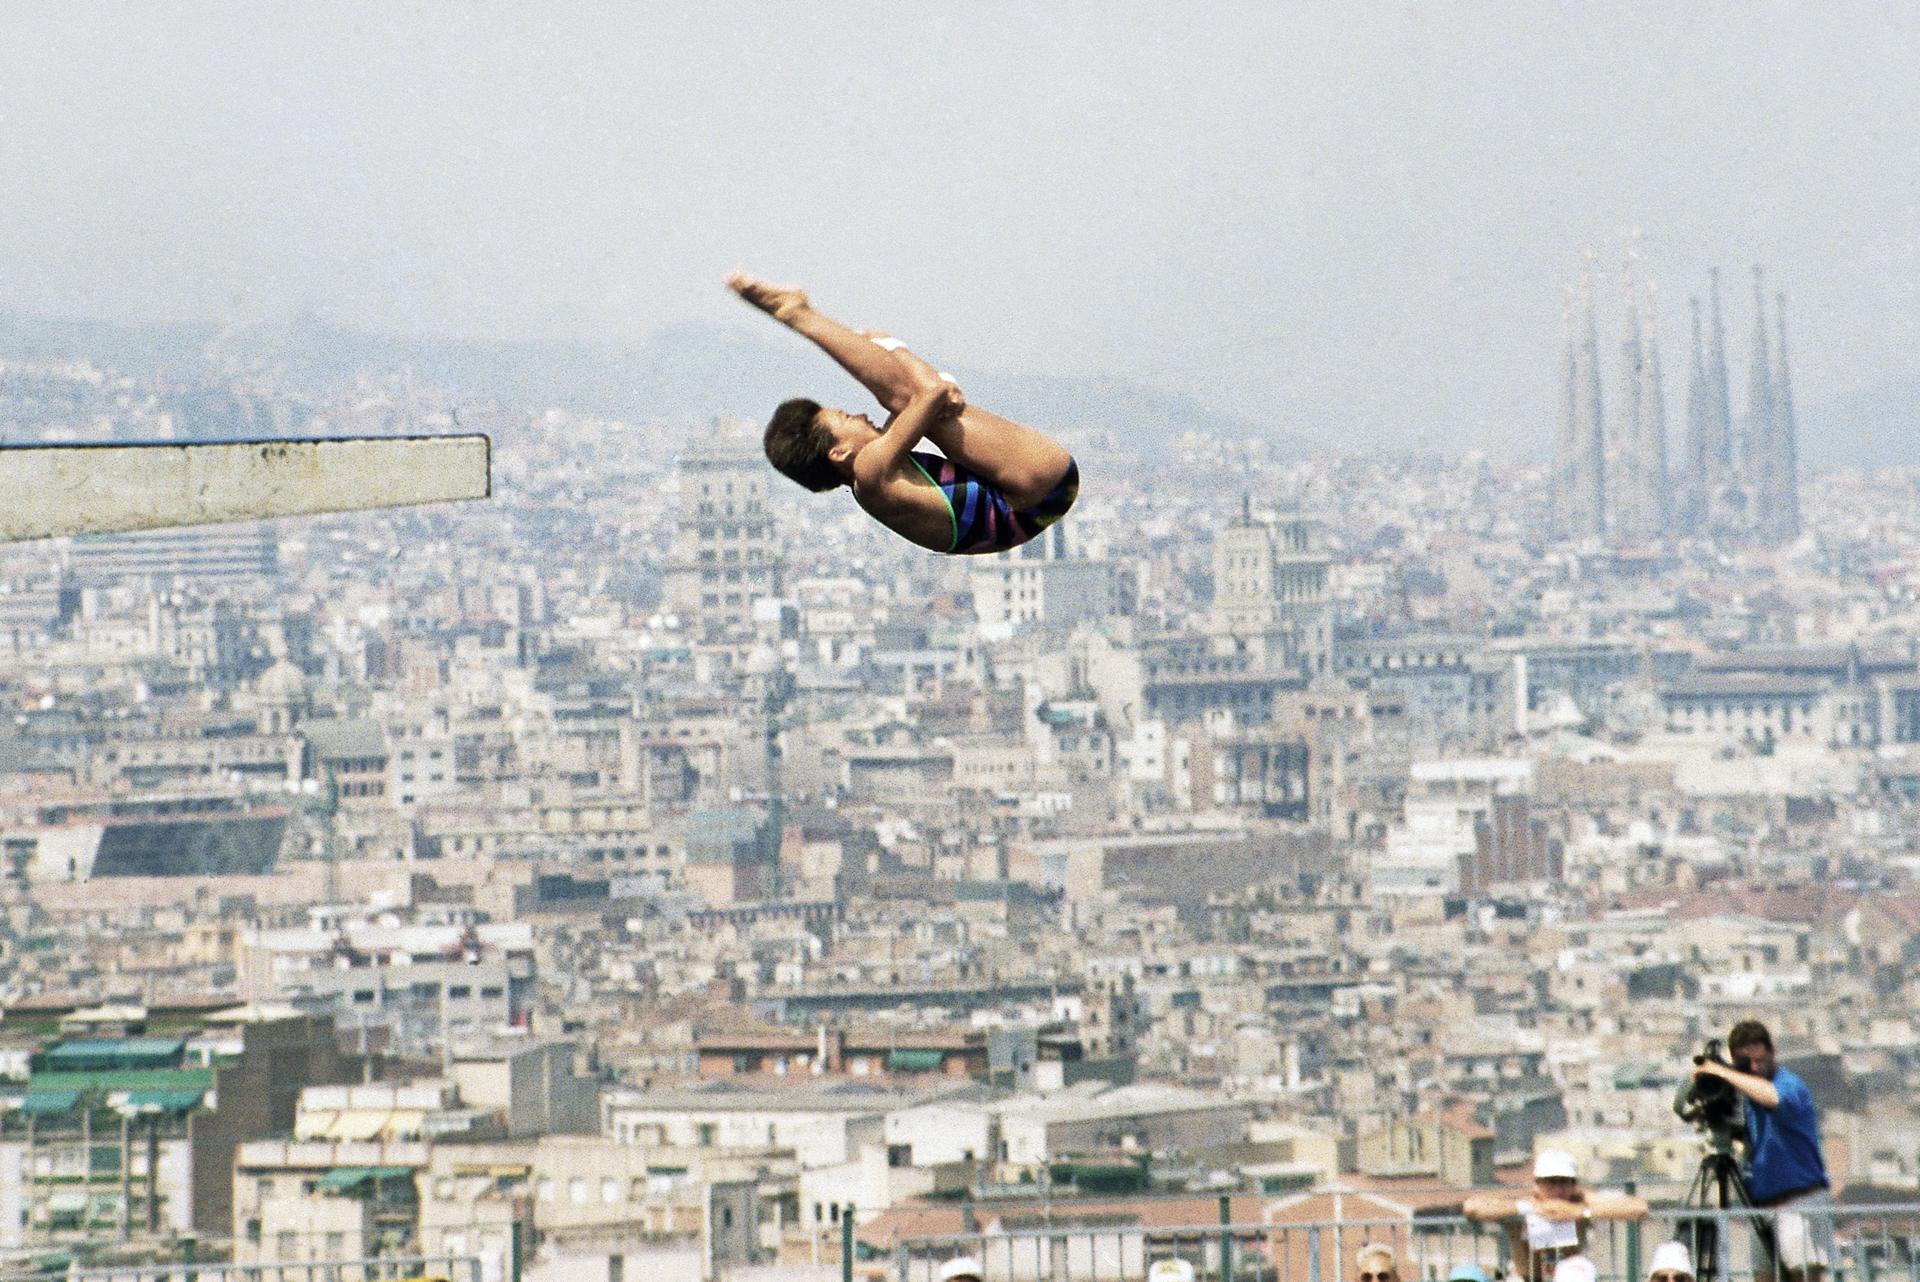 Barcelona Mayor 1992 Olympics Left Indelible Legacy On